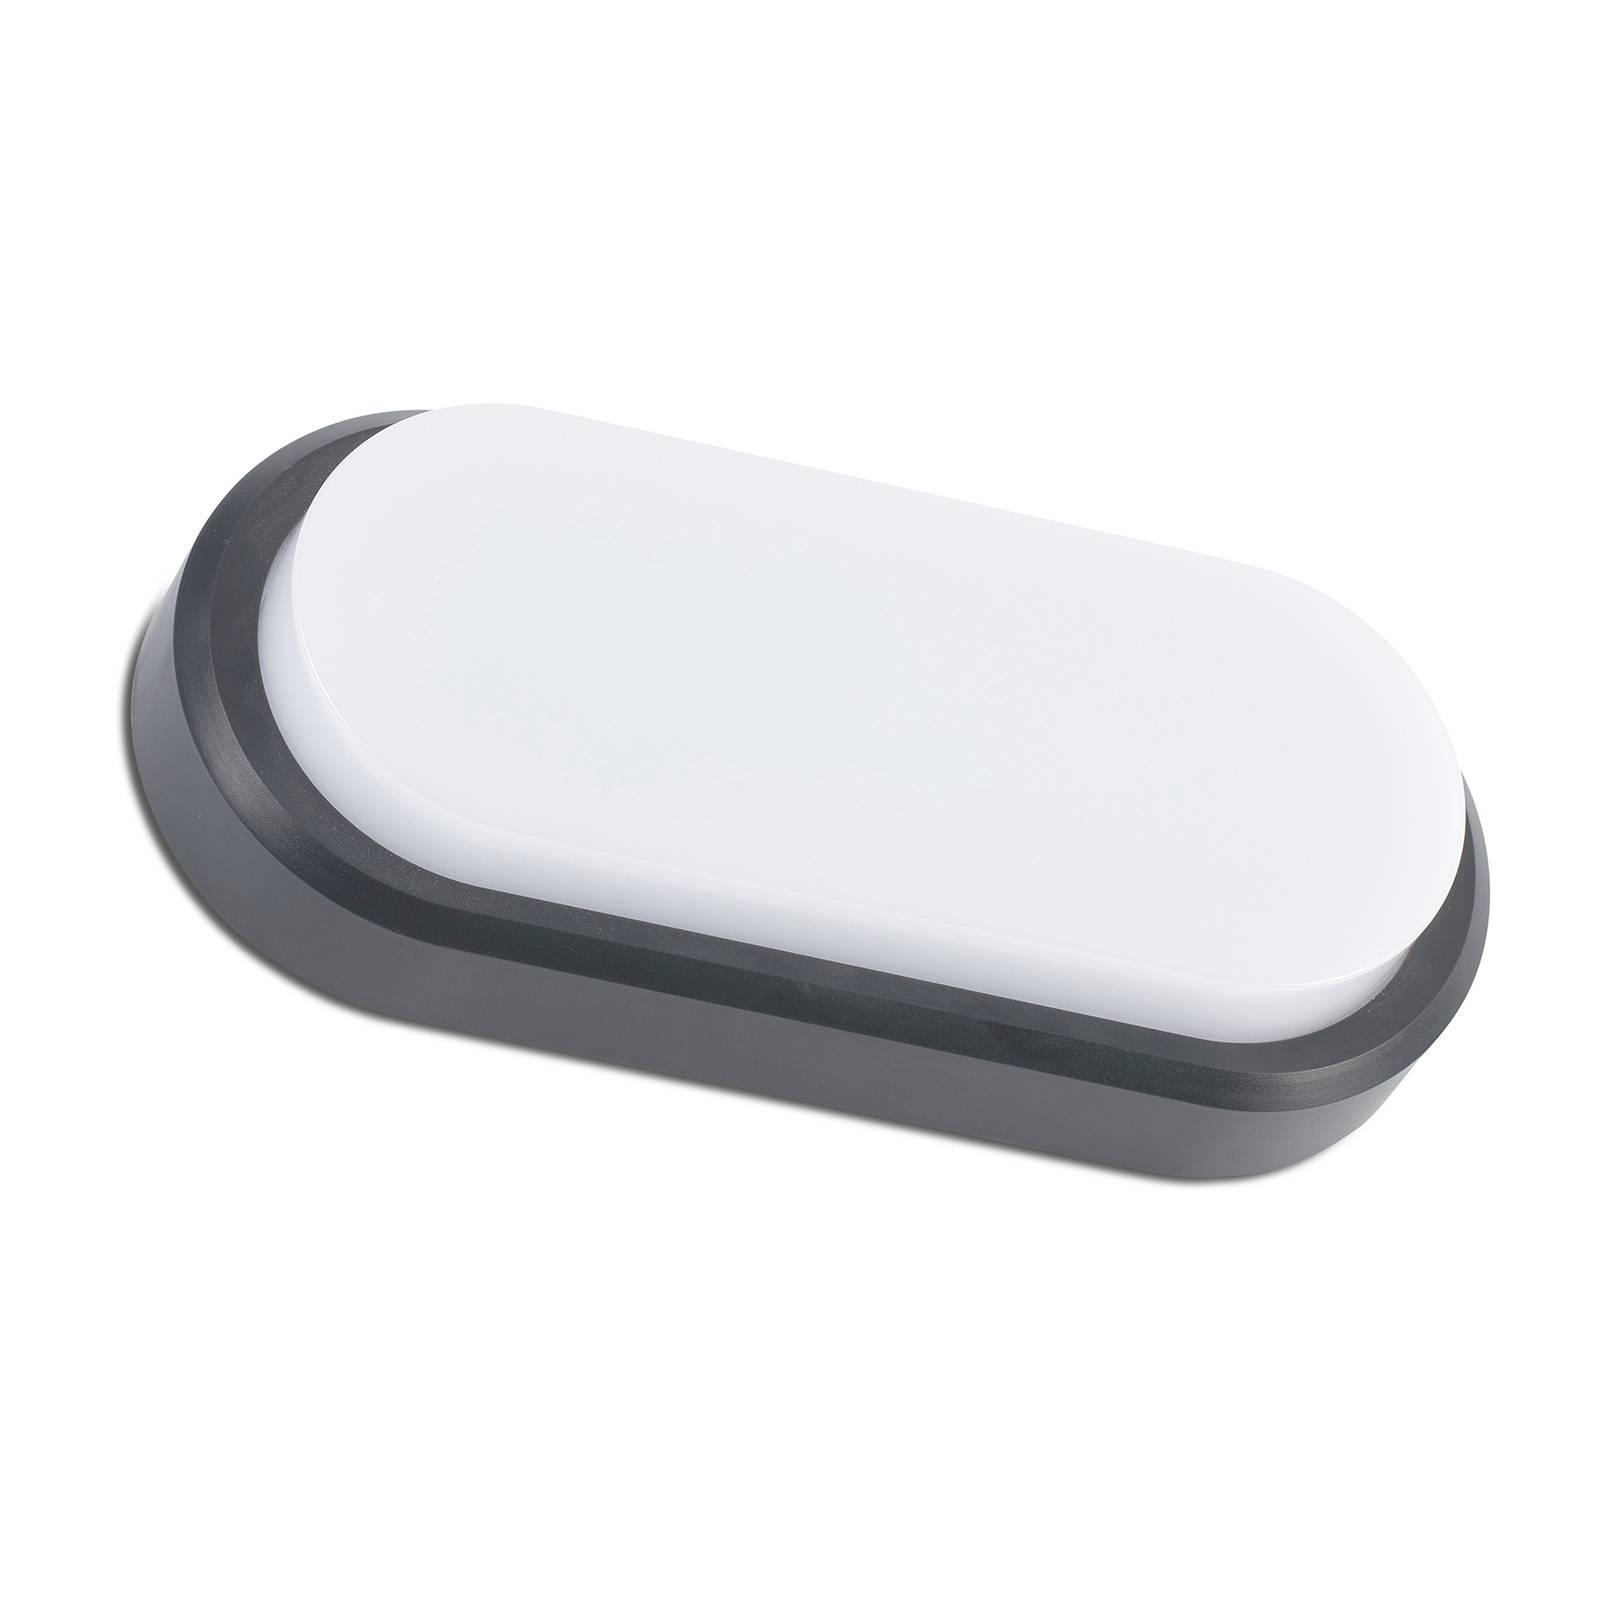 LED-ulkoseinälamppu Fred XL IK10 harmaa/valkoinen